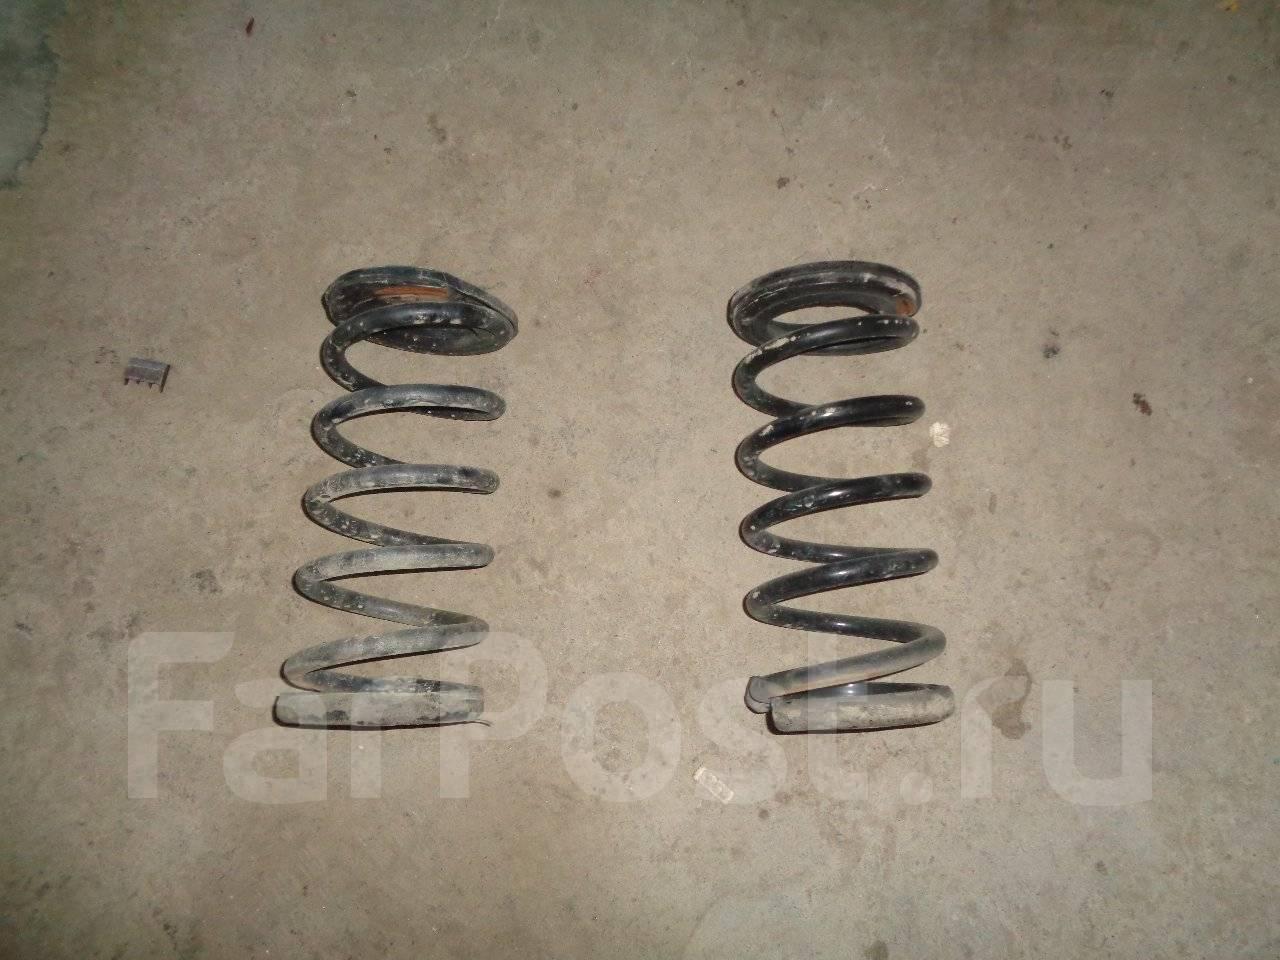 диаметр прутка пружины задней mitsubishi rvr